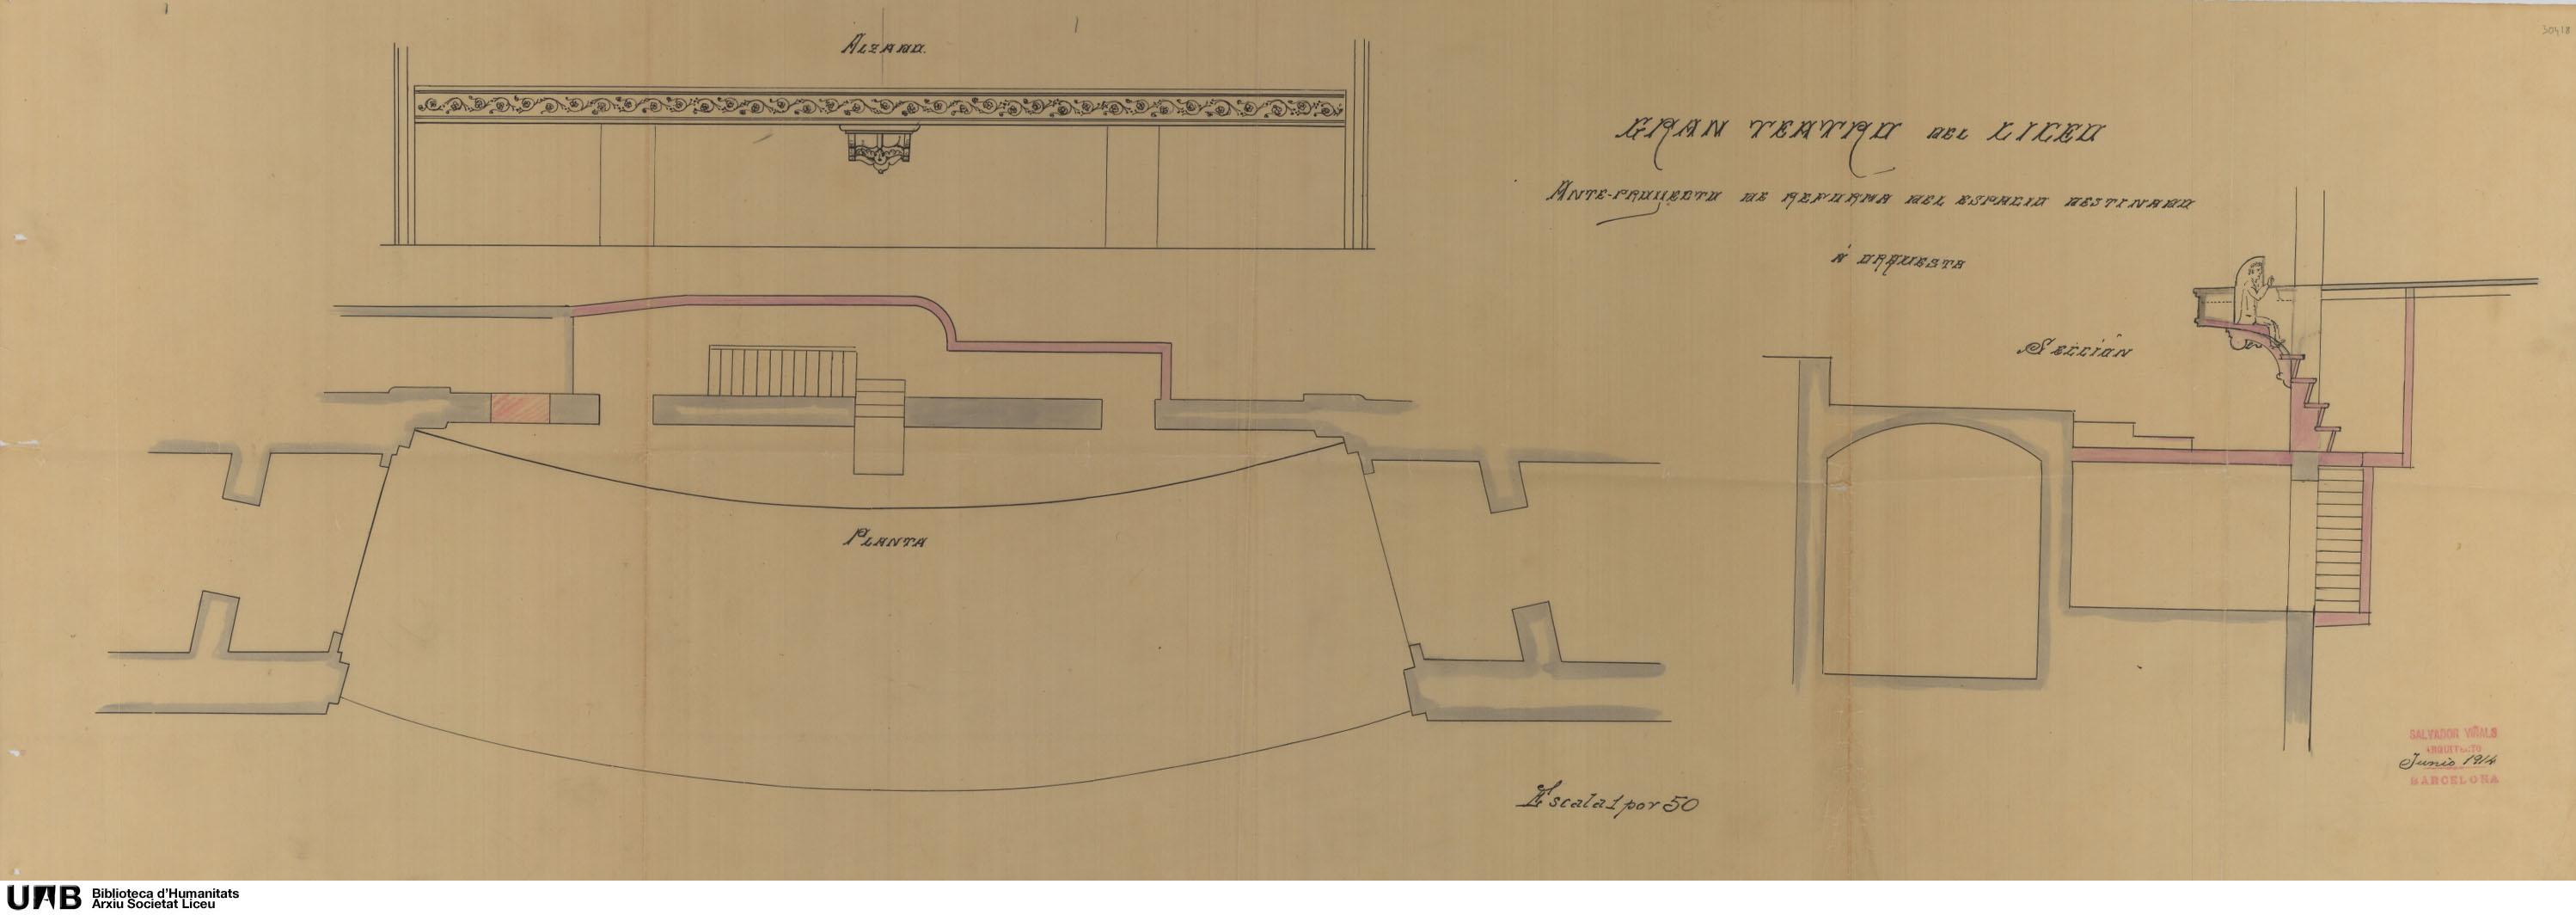 Ante-proyecto de reforma del espacio destinado a orquesta